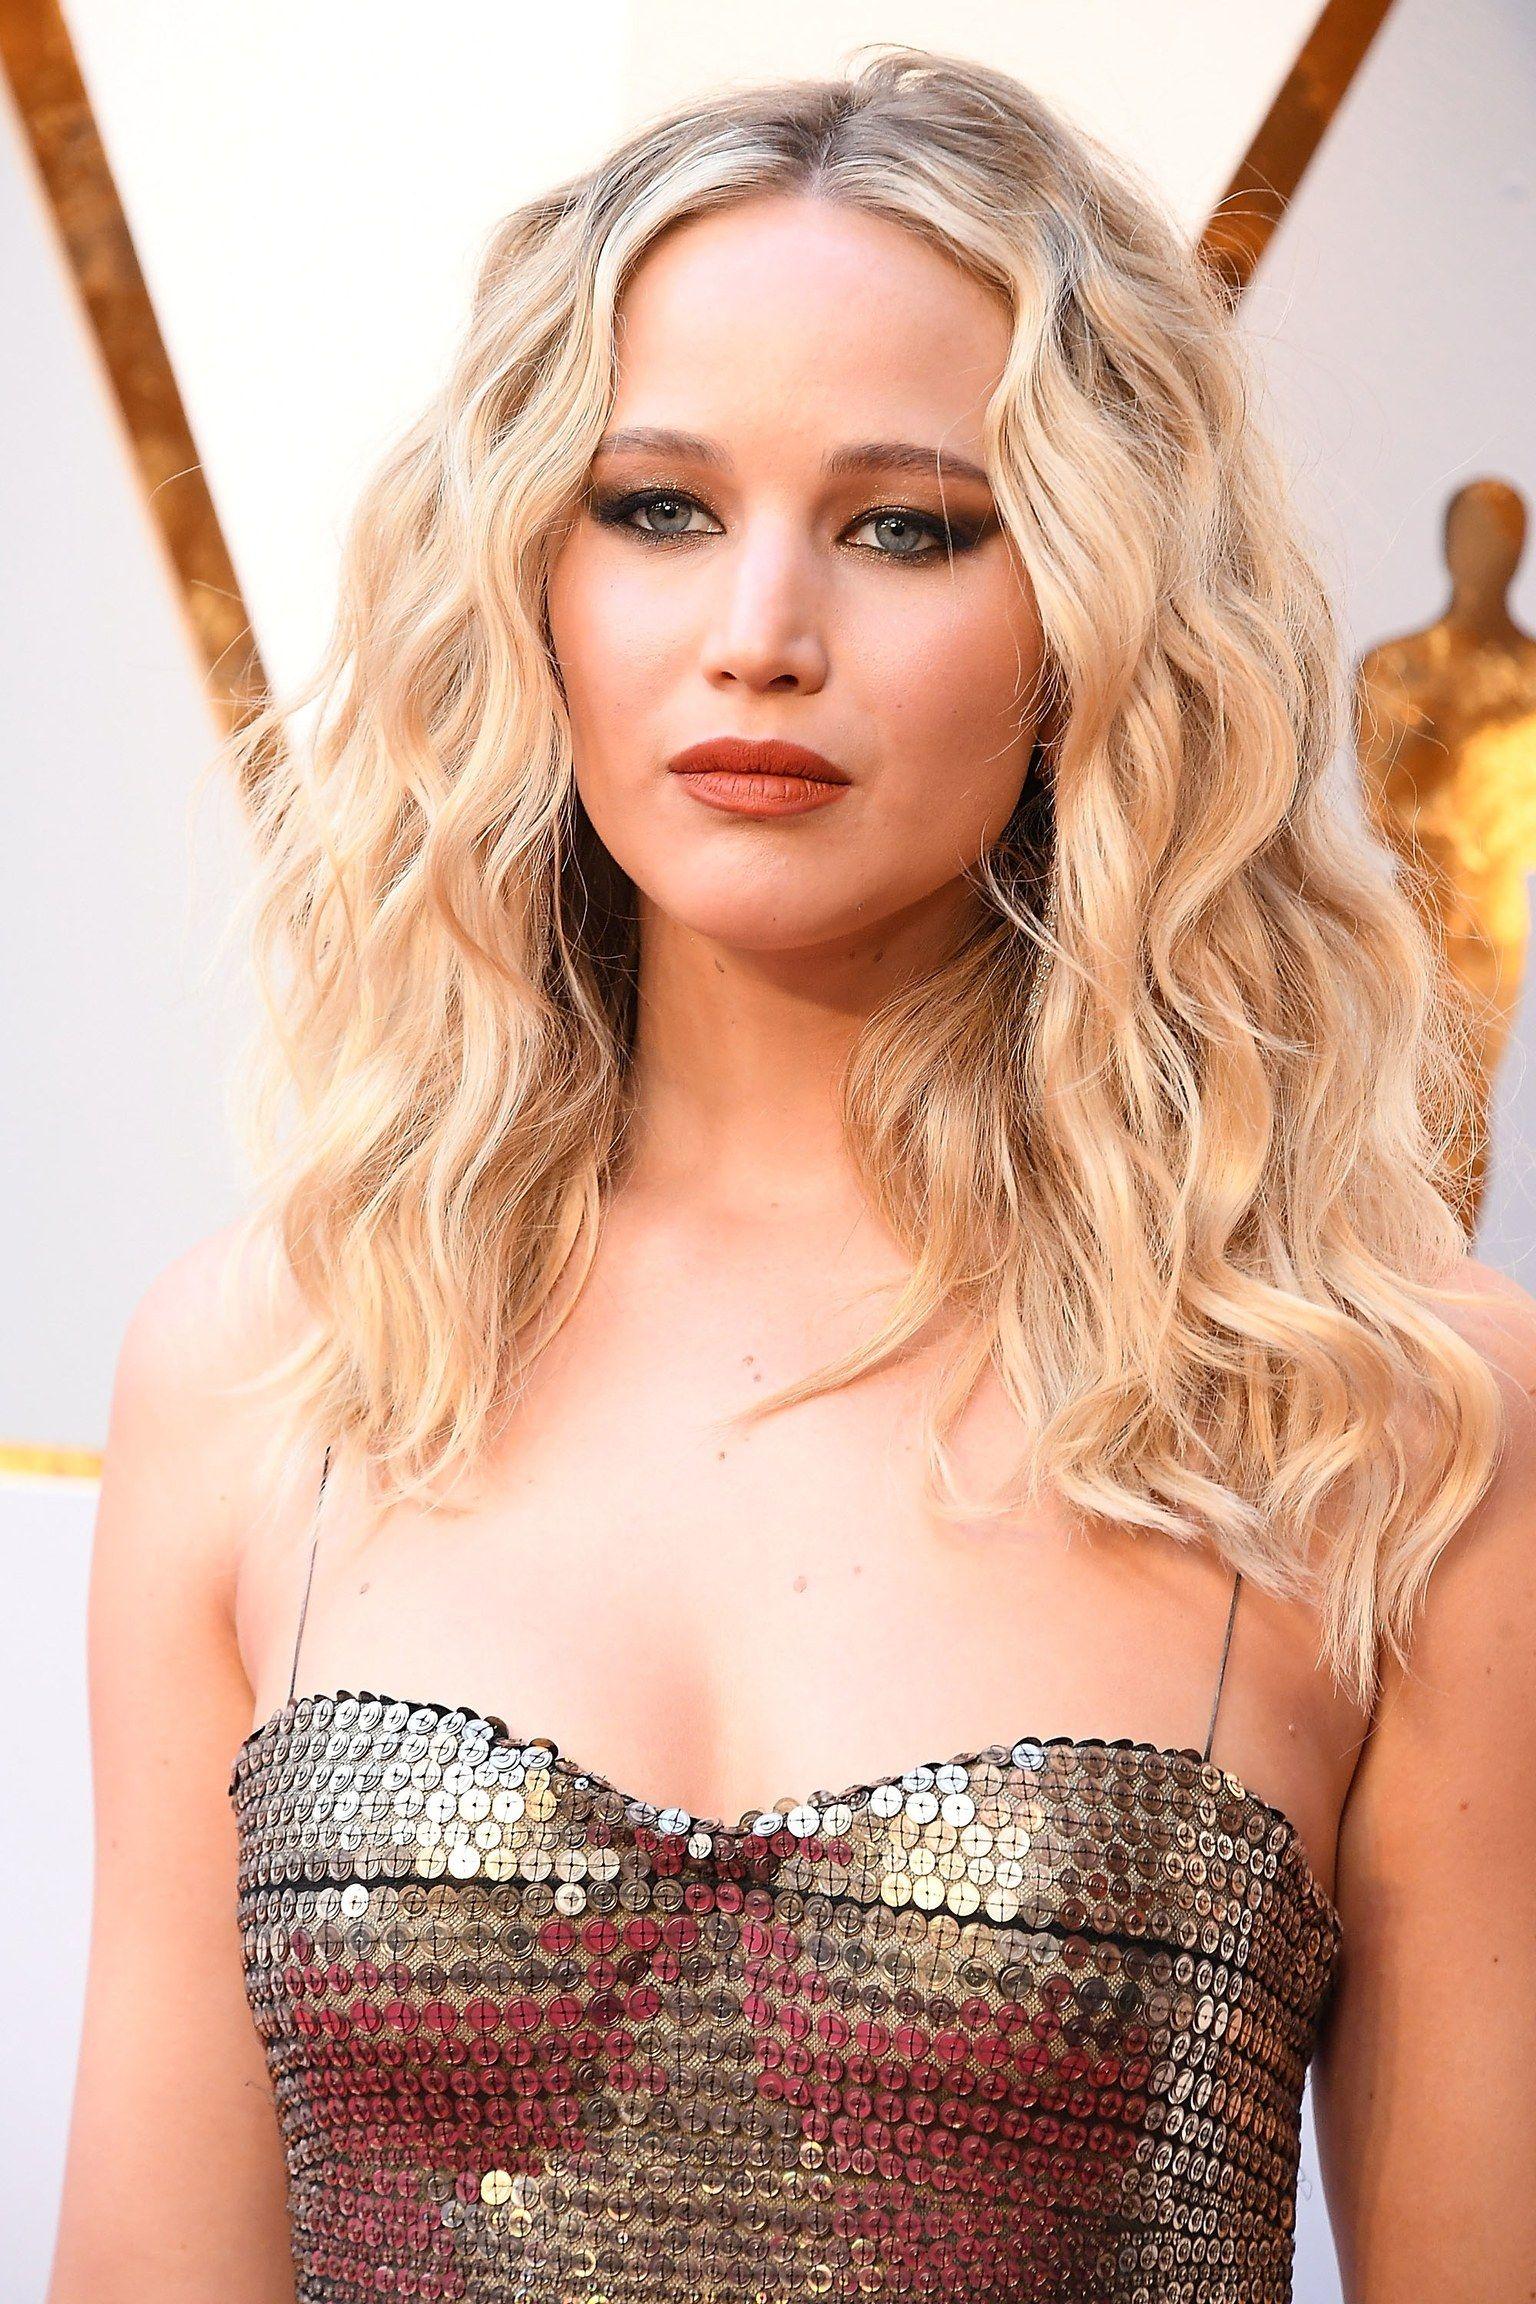 Tendenze capelli 2020: tagli e colore   Curly hair styles ...